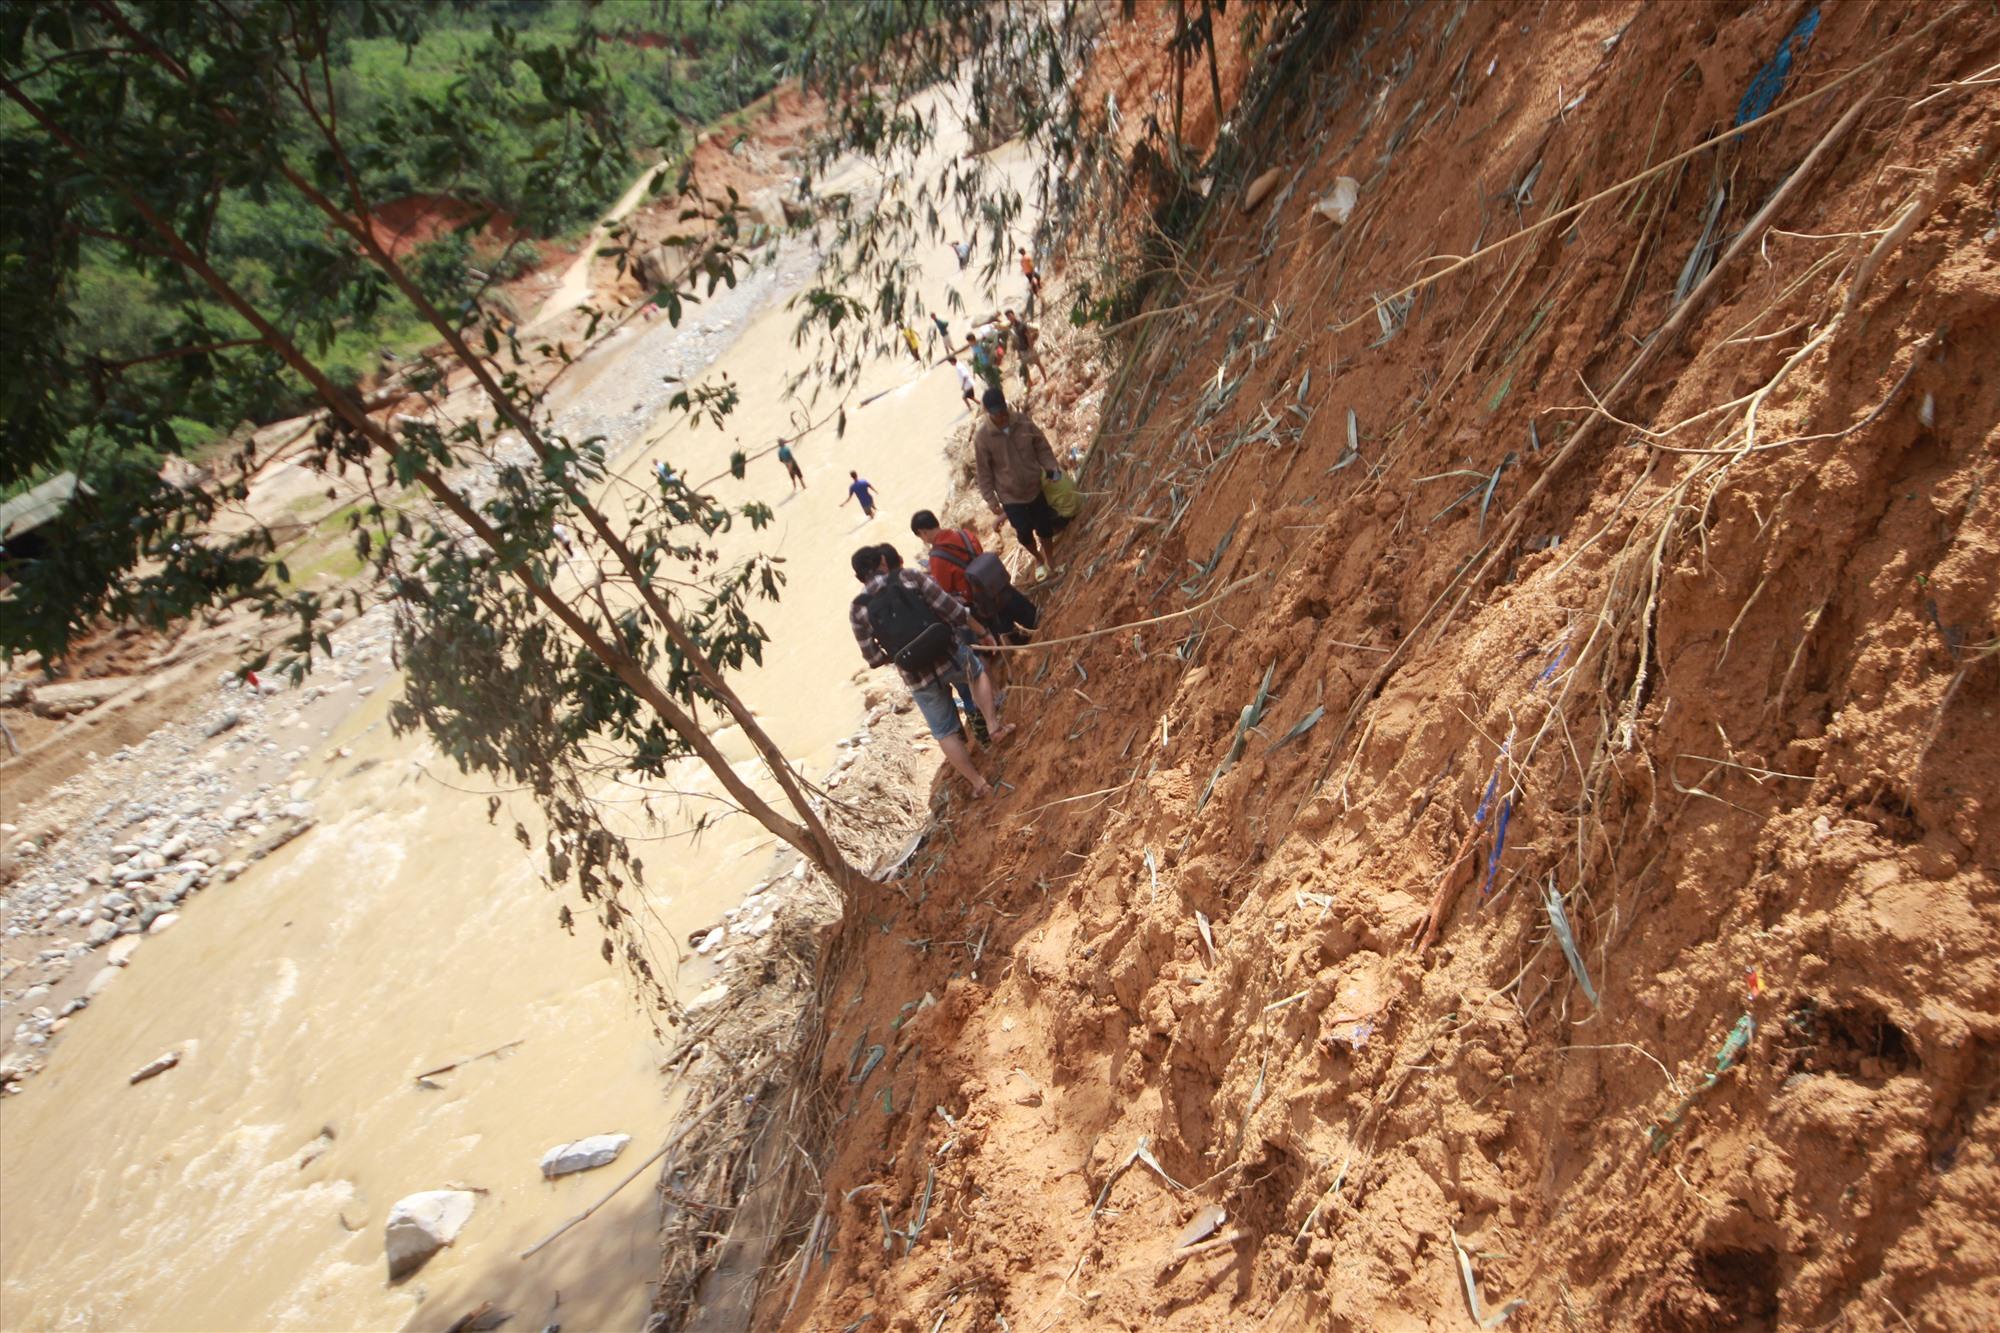 Đường vào thôn bị cô lập, người dân phải men theo sườn dốc, lội qua sông để về làng. Ảnh: T.C